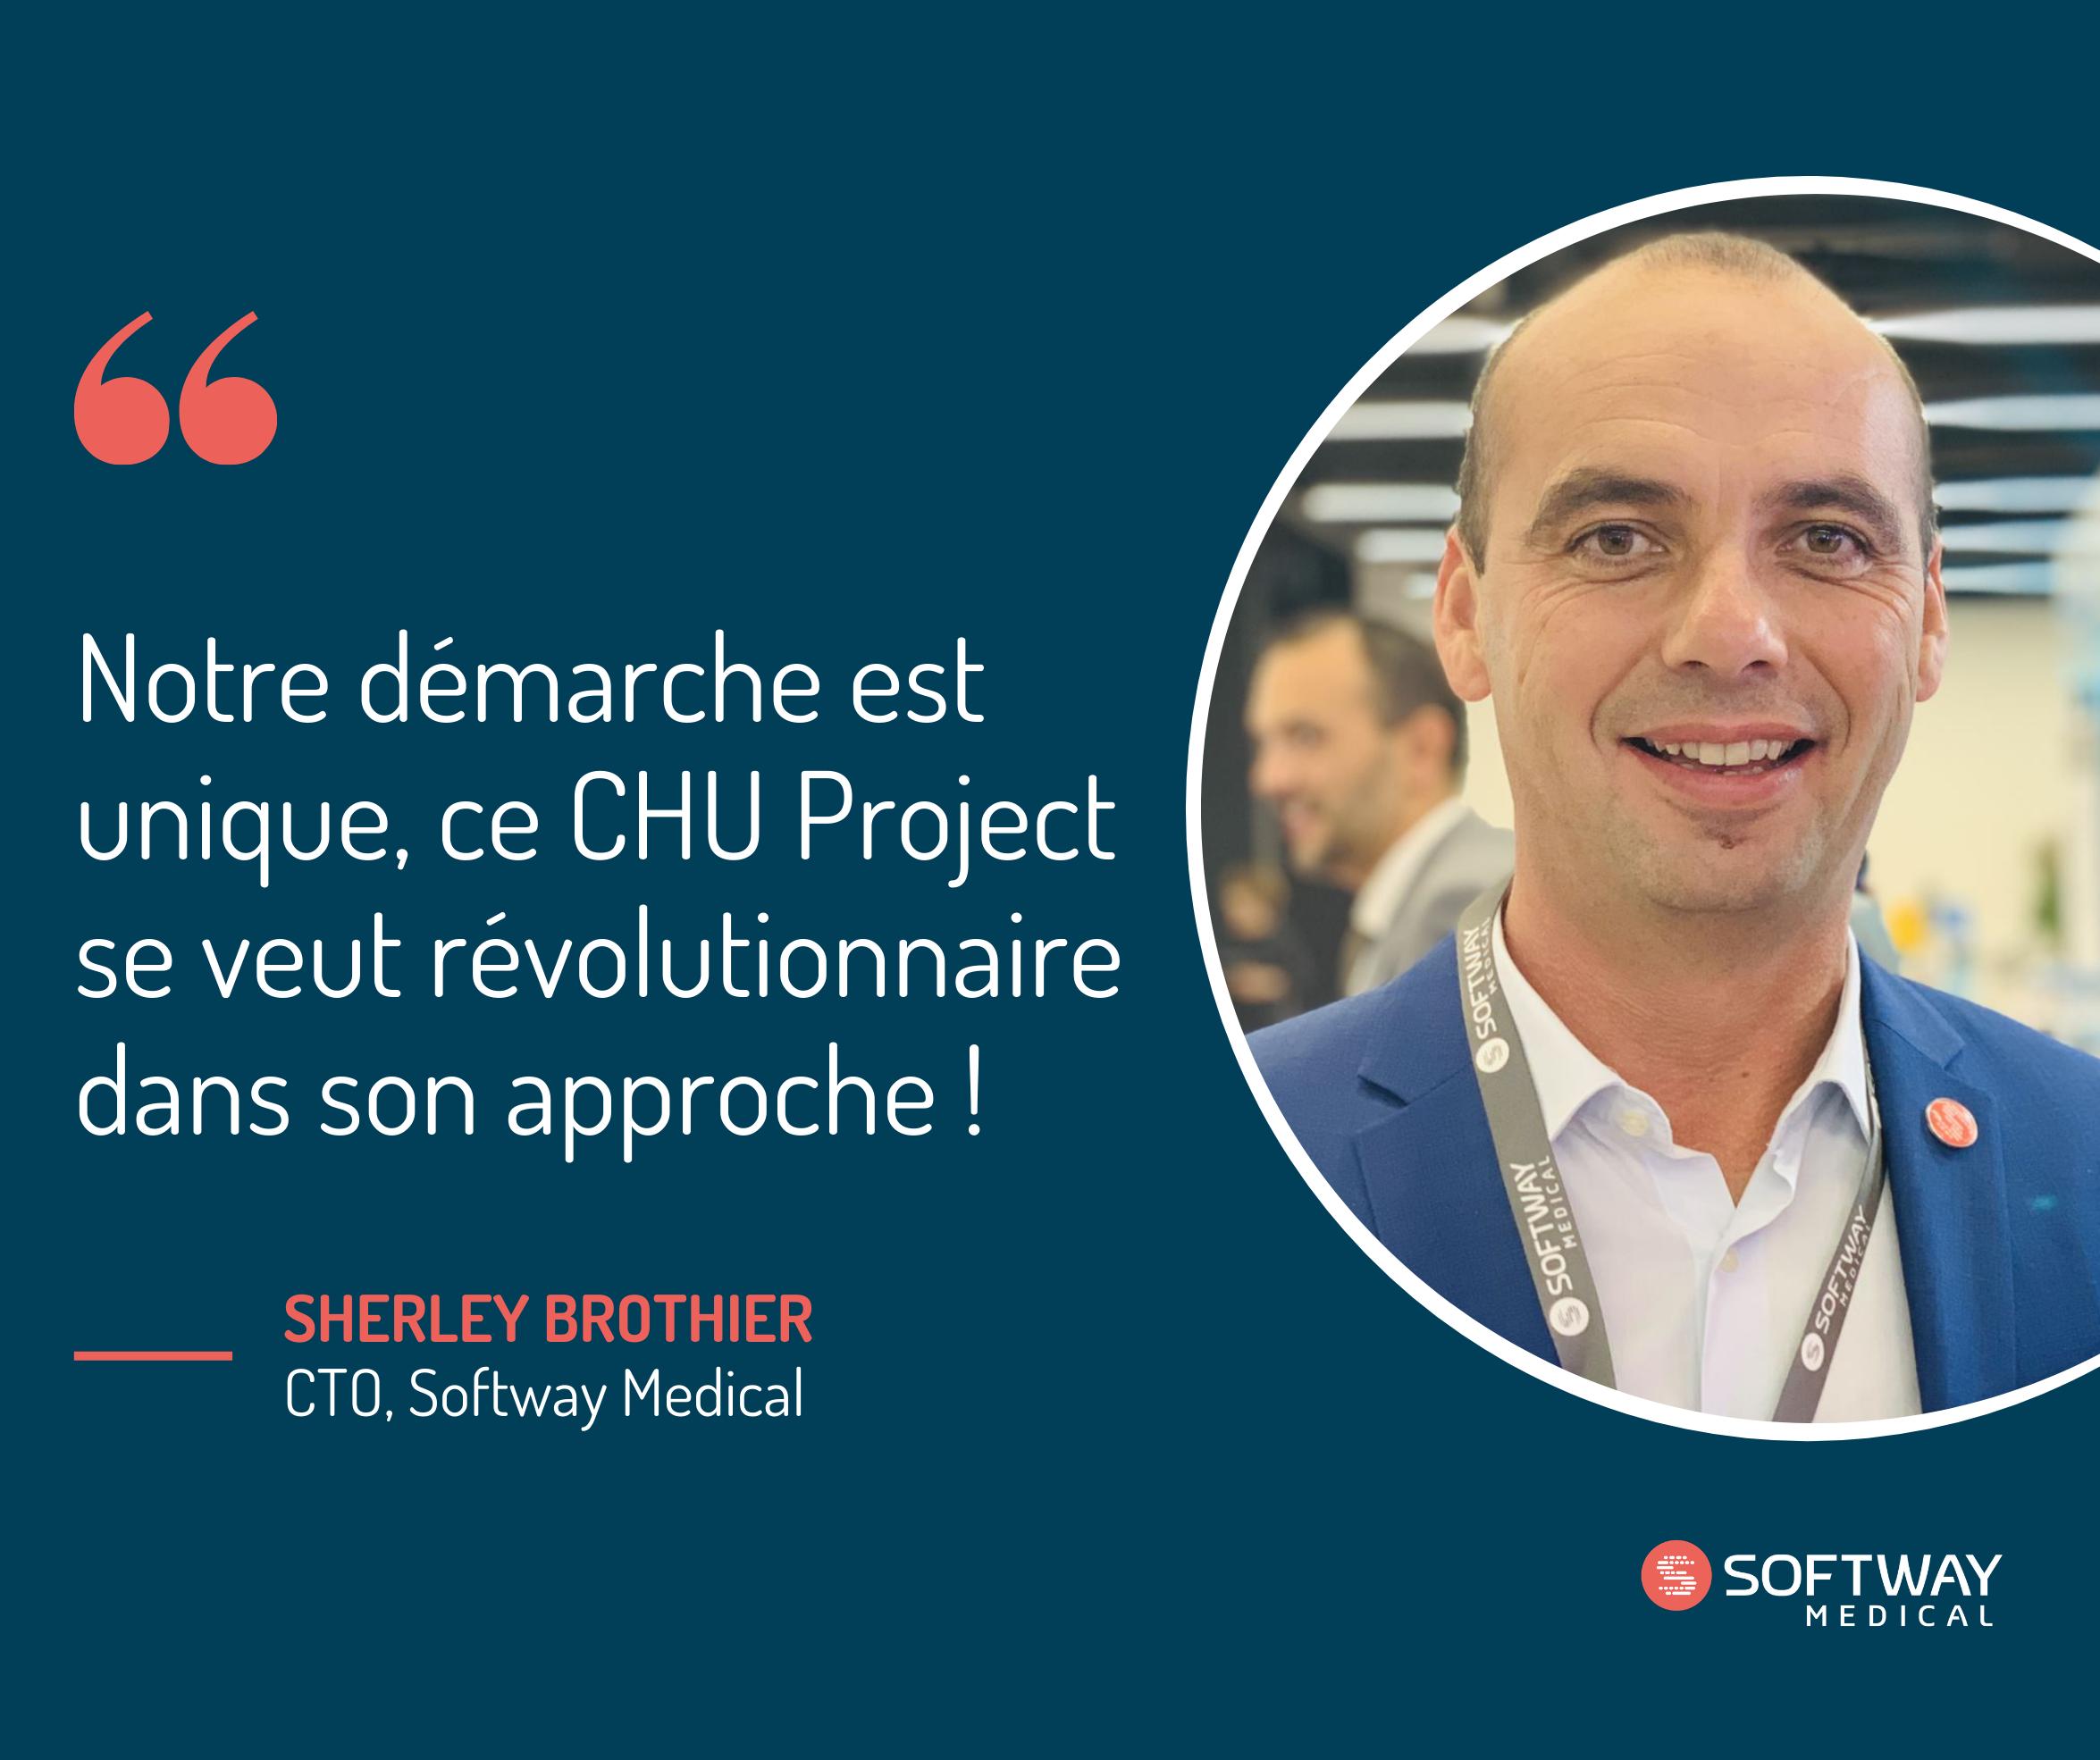 Le CHU Project de Softway Medical : un projet inédit et novateur pour les GHT et les CHU !